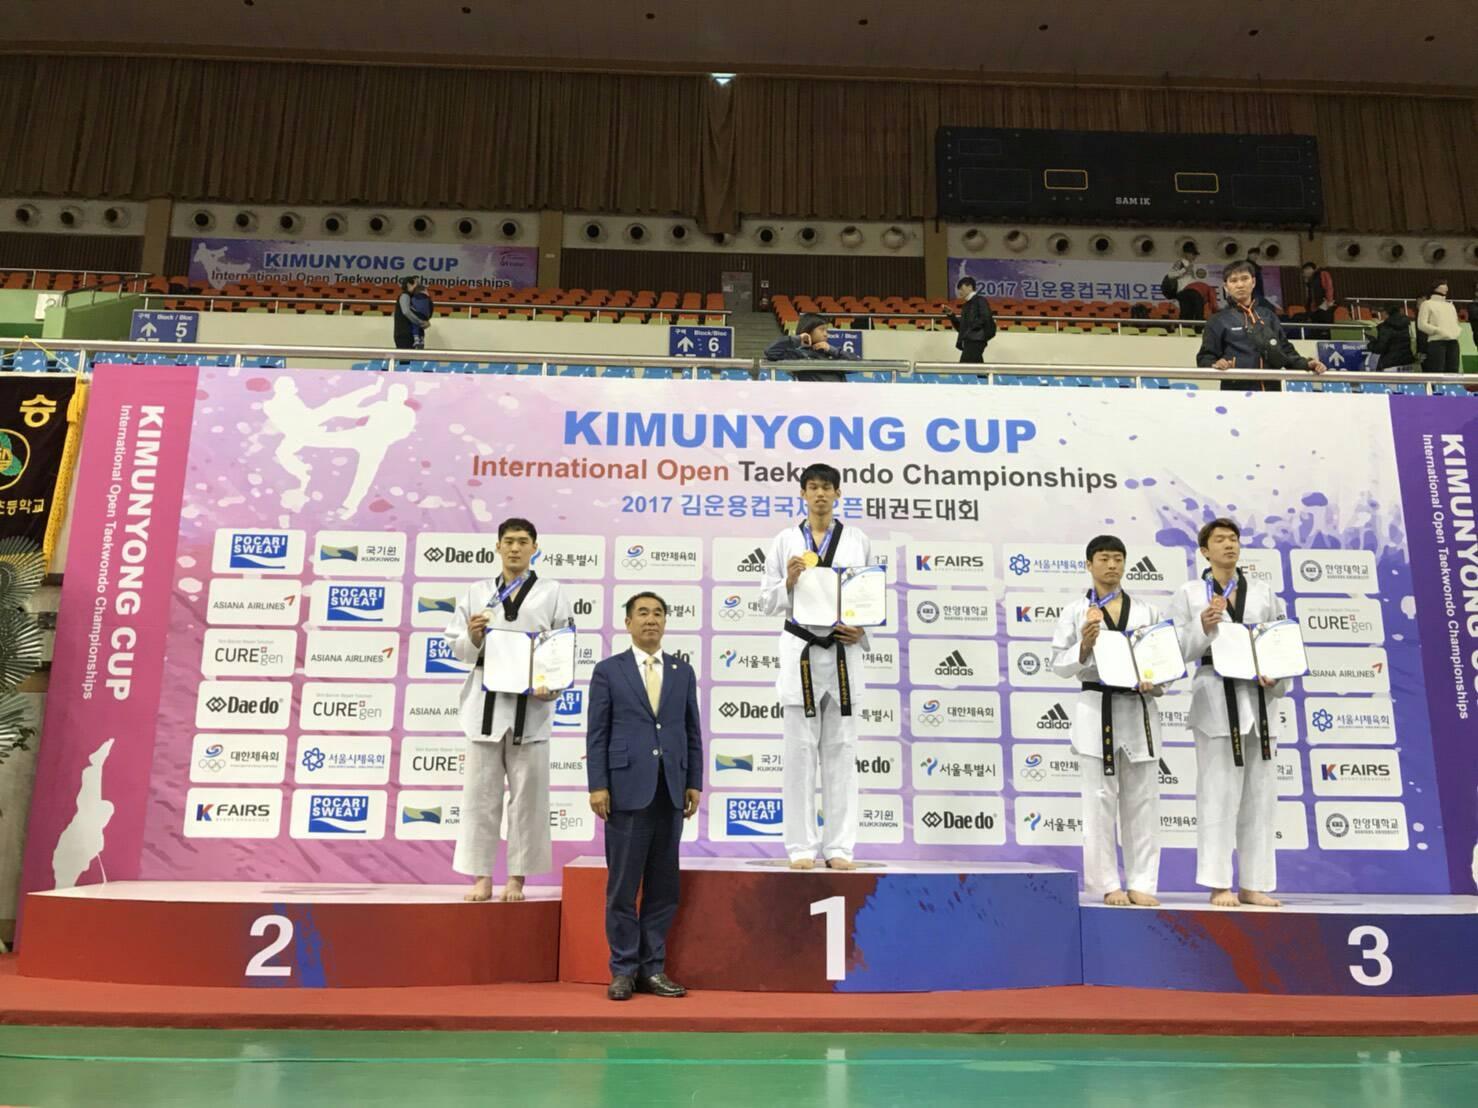 韓國跆拳道公開賽 八馬國際公司 贊助好手一金一銀